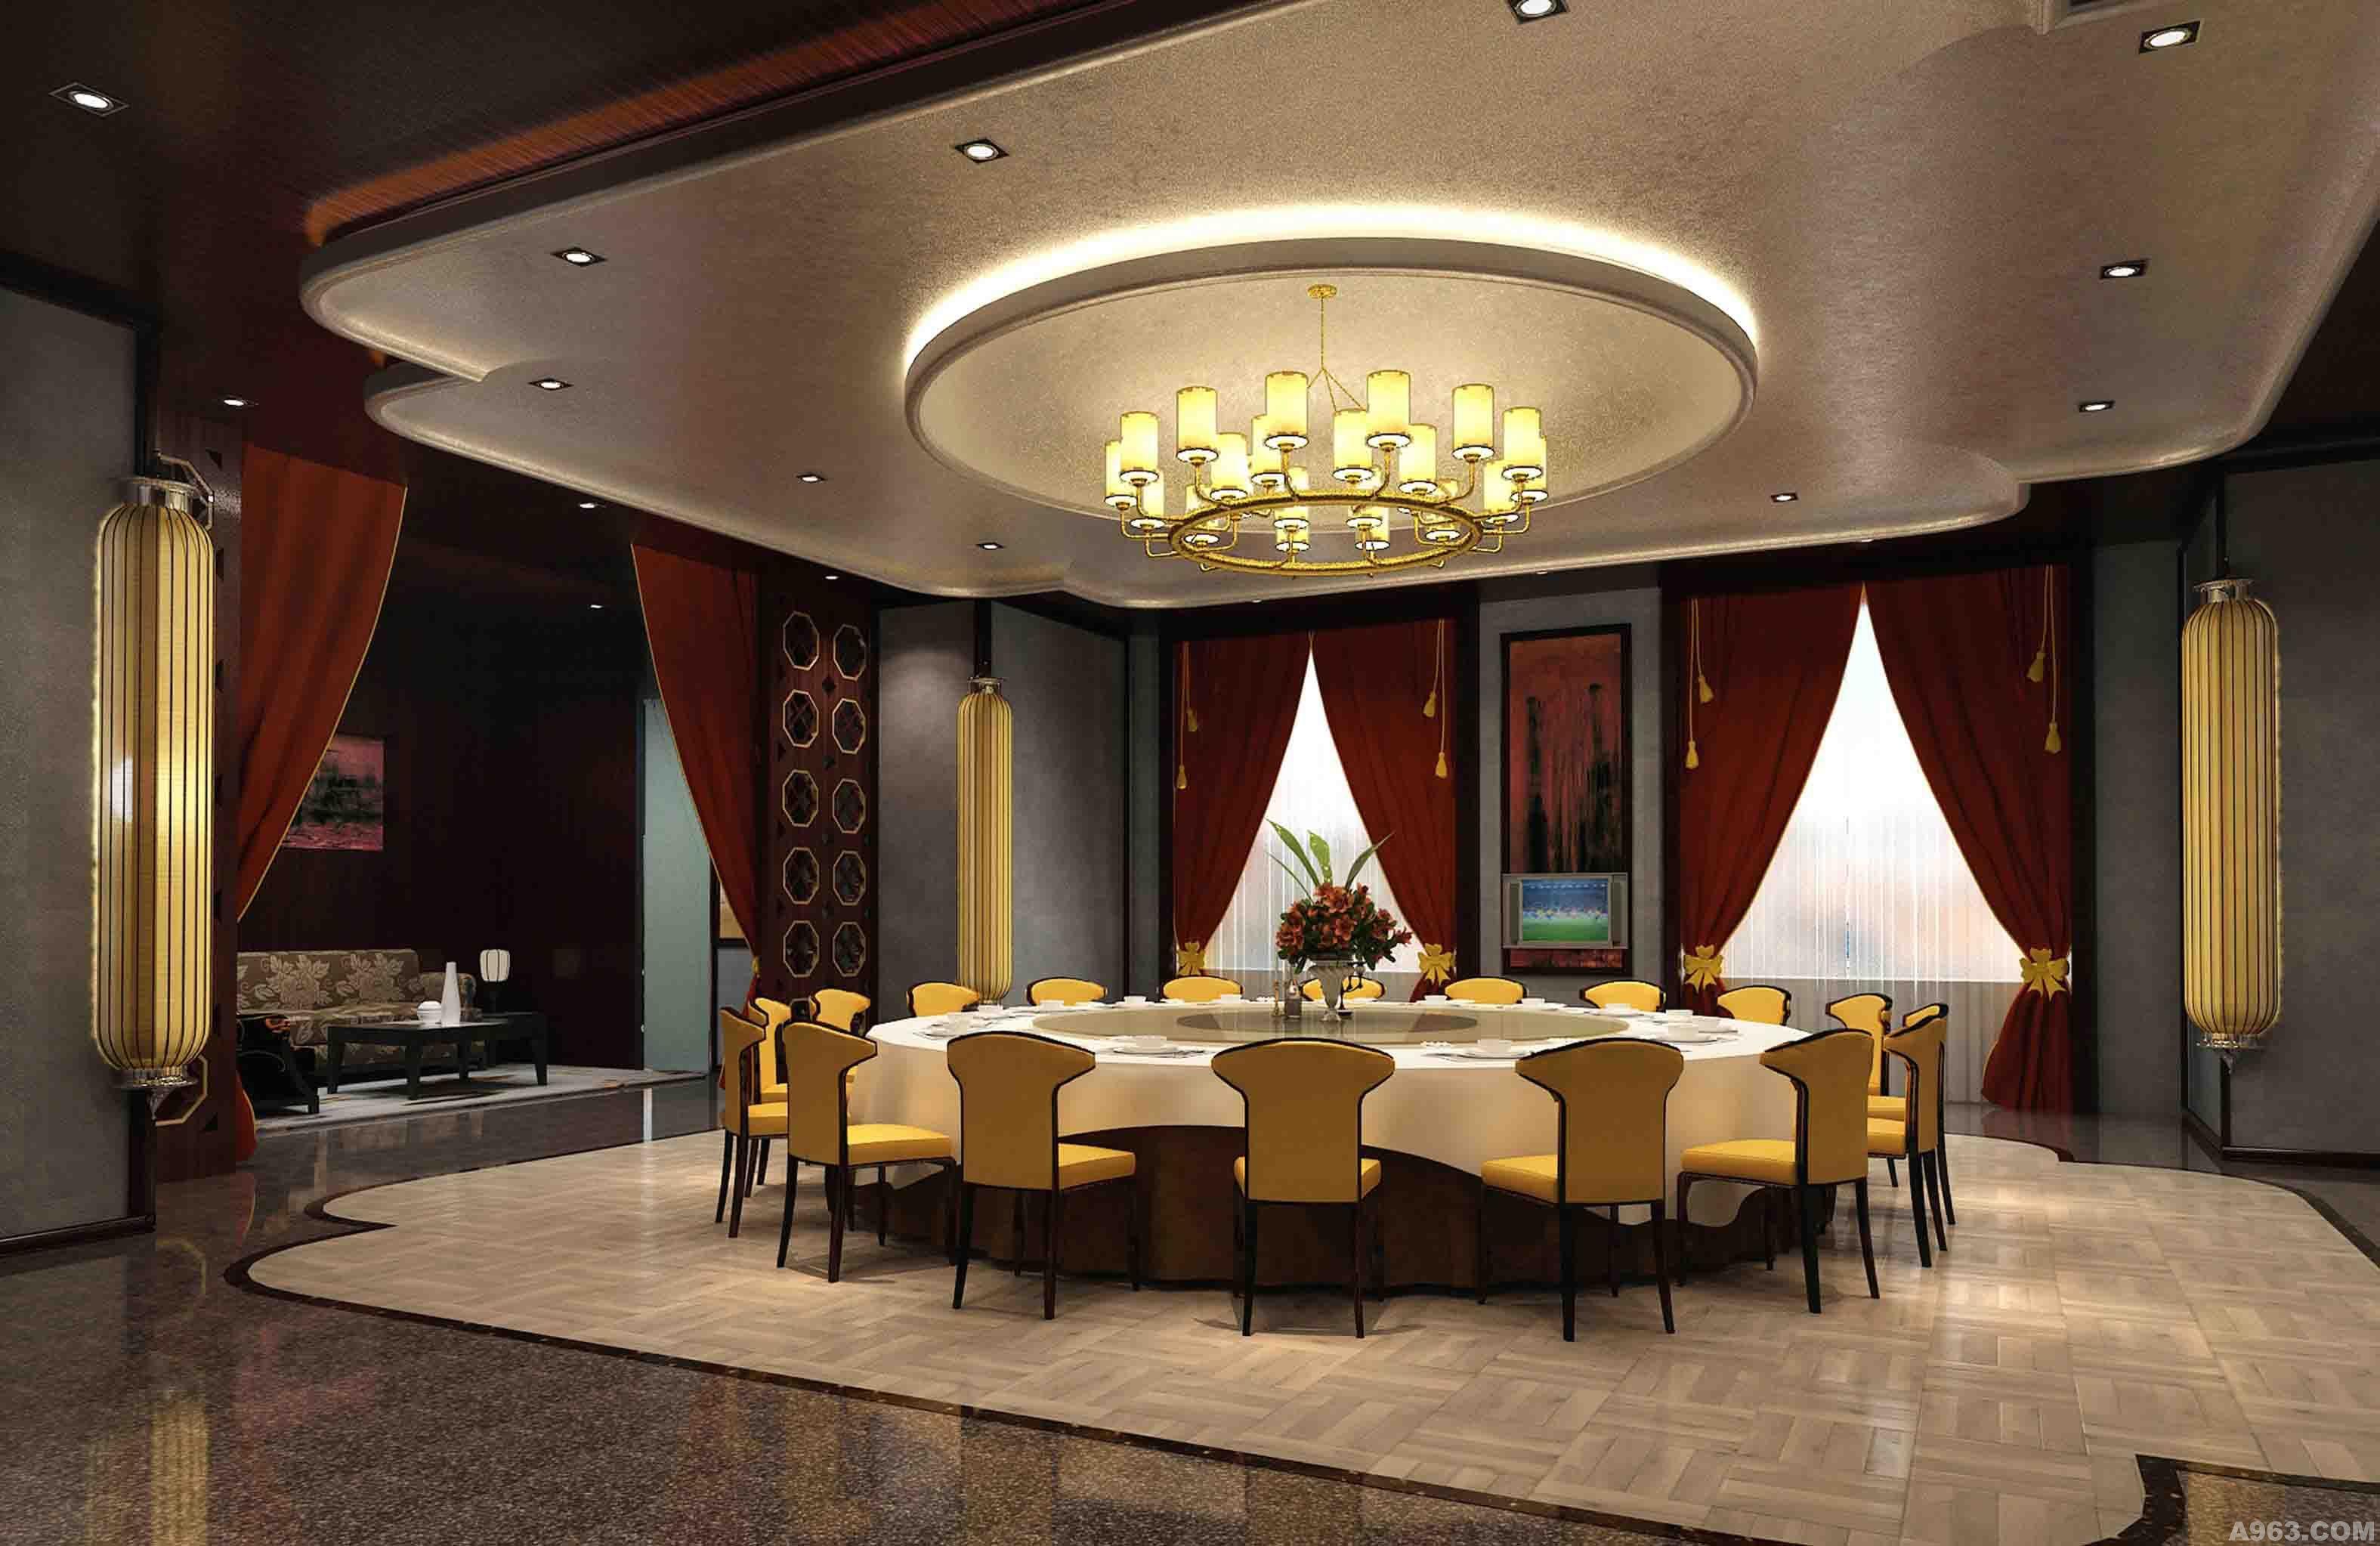 赤峰宾馆 - 酒店设计 - 北京室内设计网_北京室内设计